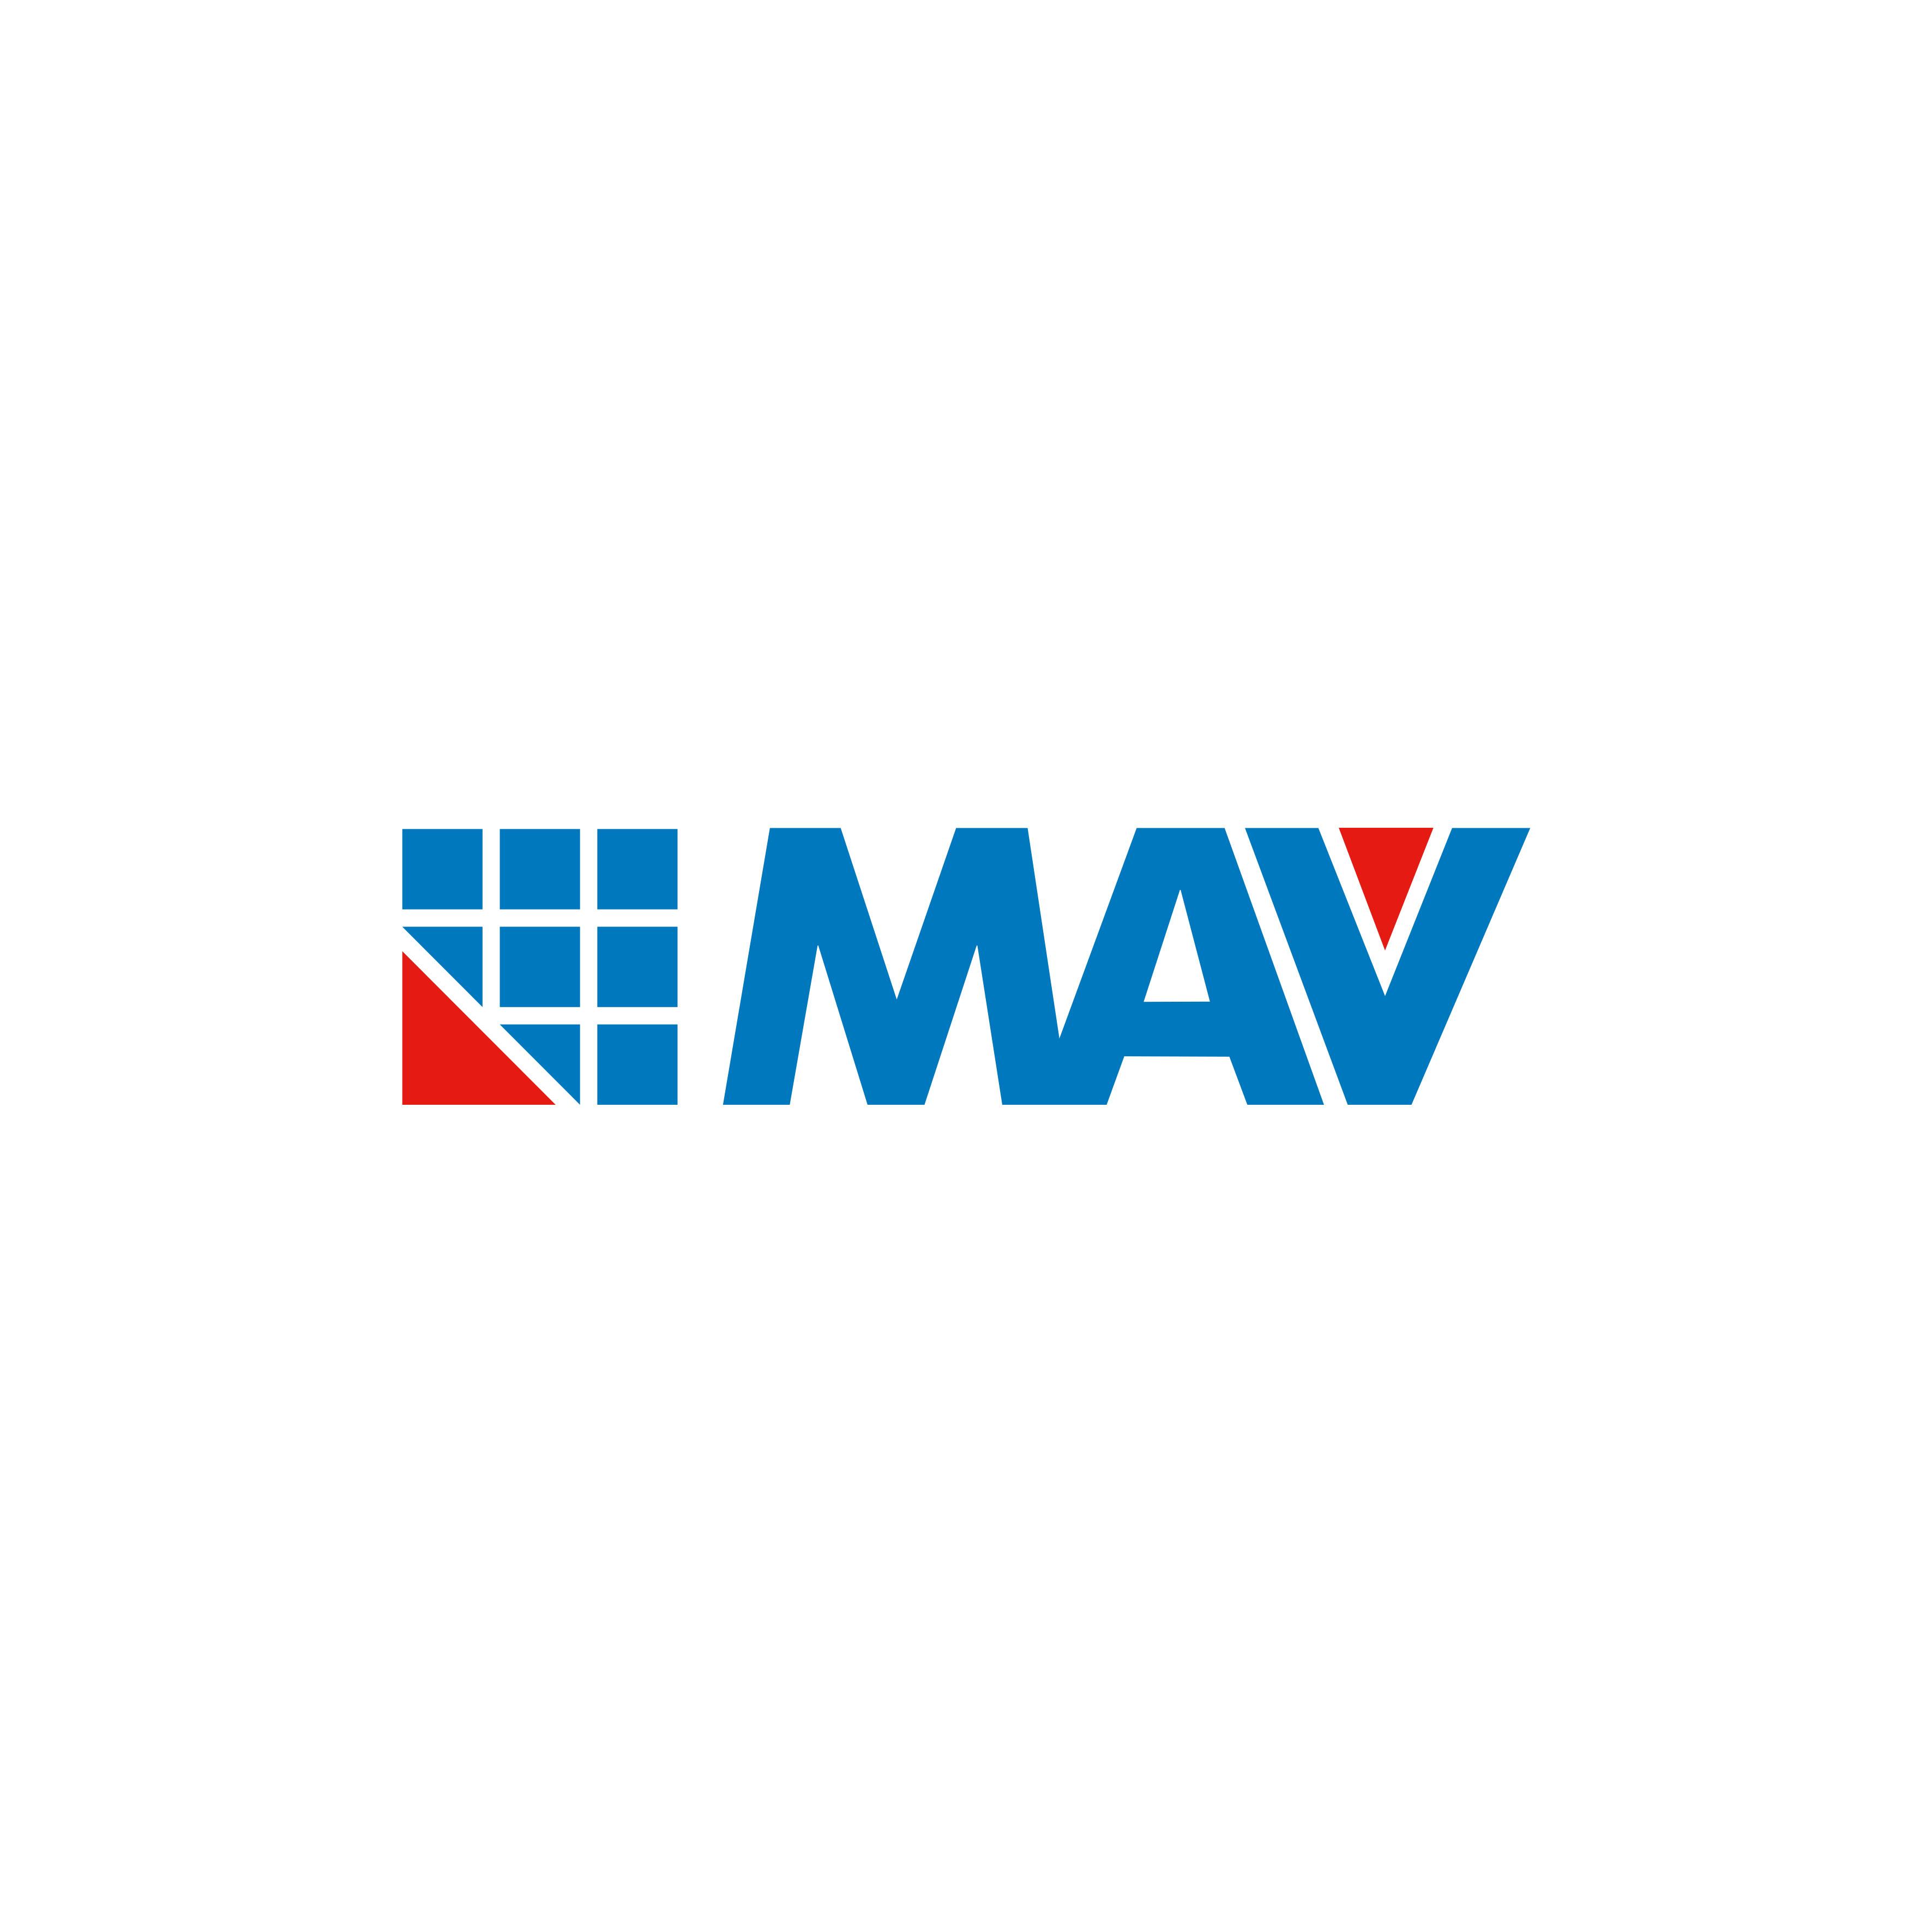 MAV Mineralstoff - Aufbereitung und -Verwertung GmbH